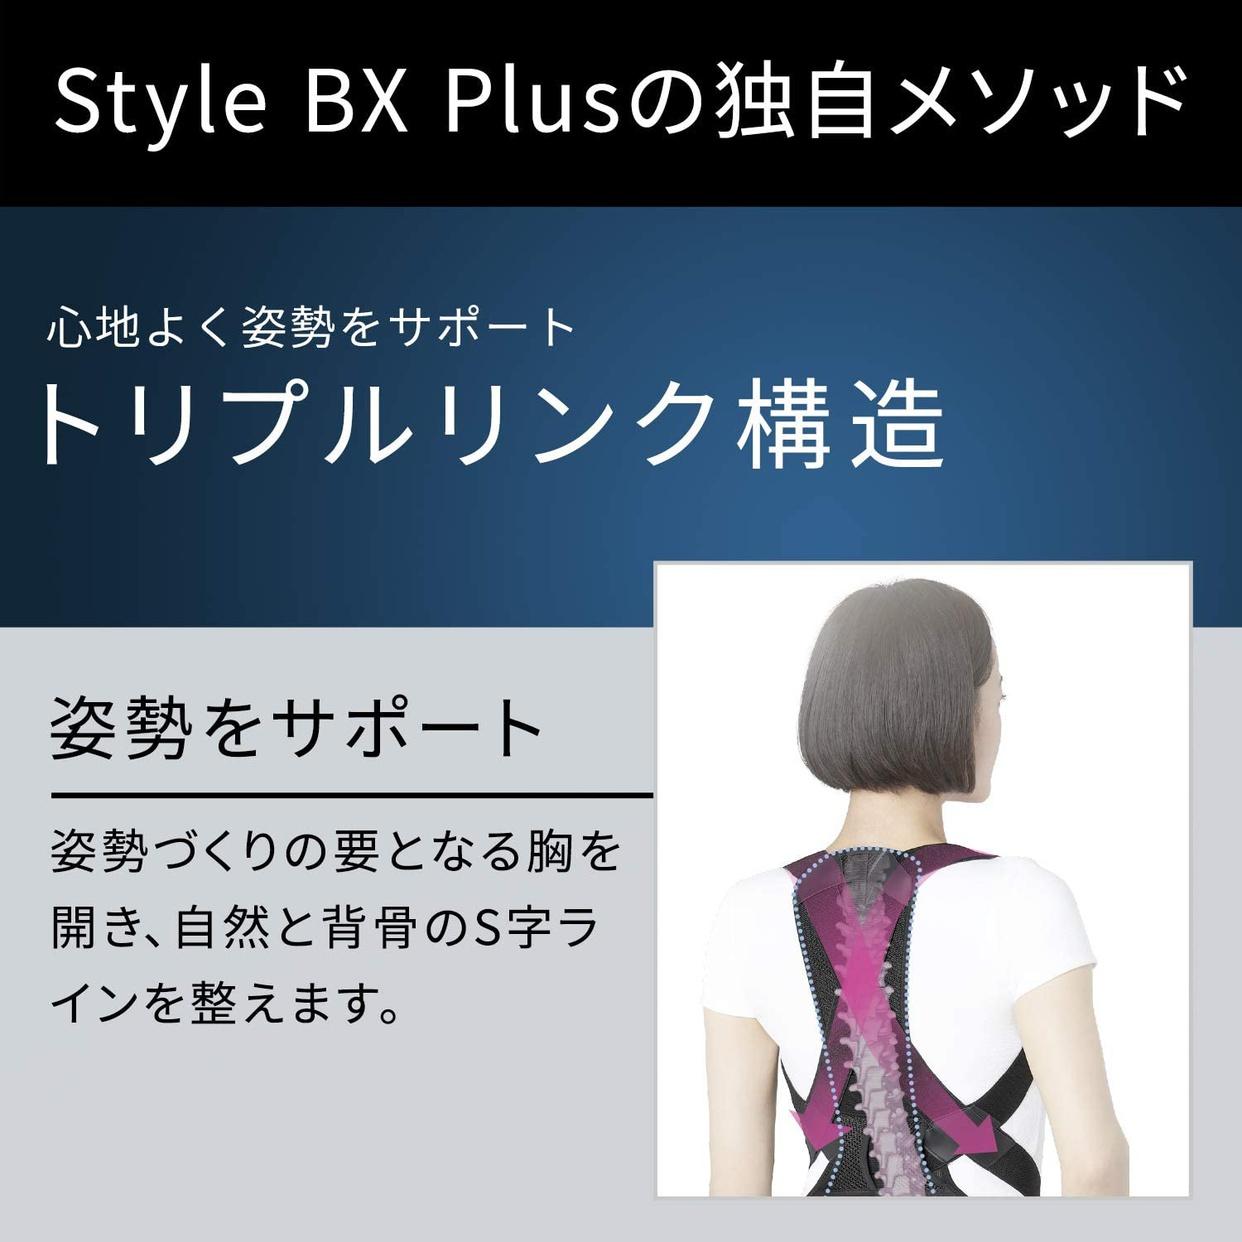 MTG(エムティージー) スタイルビーエックスプラスの商品画像5